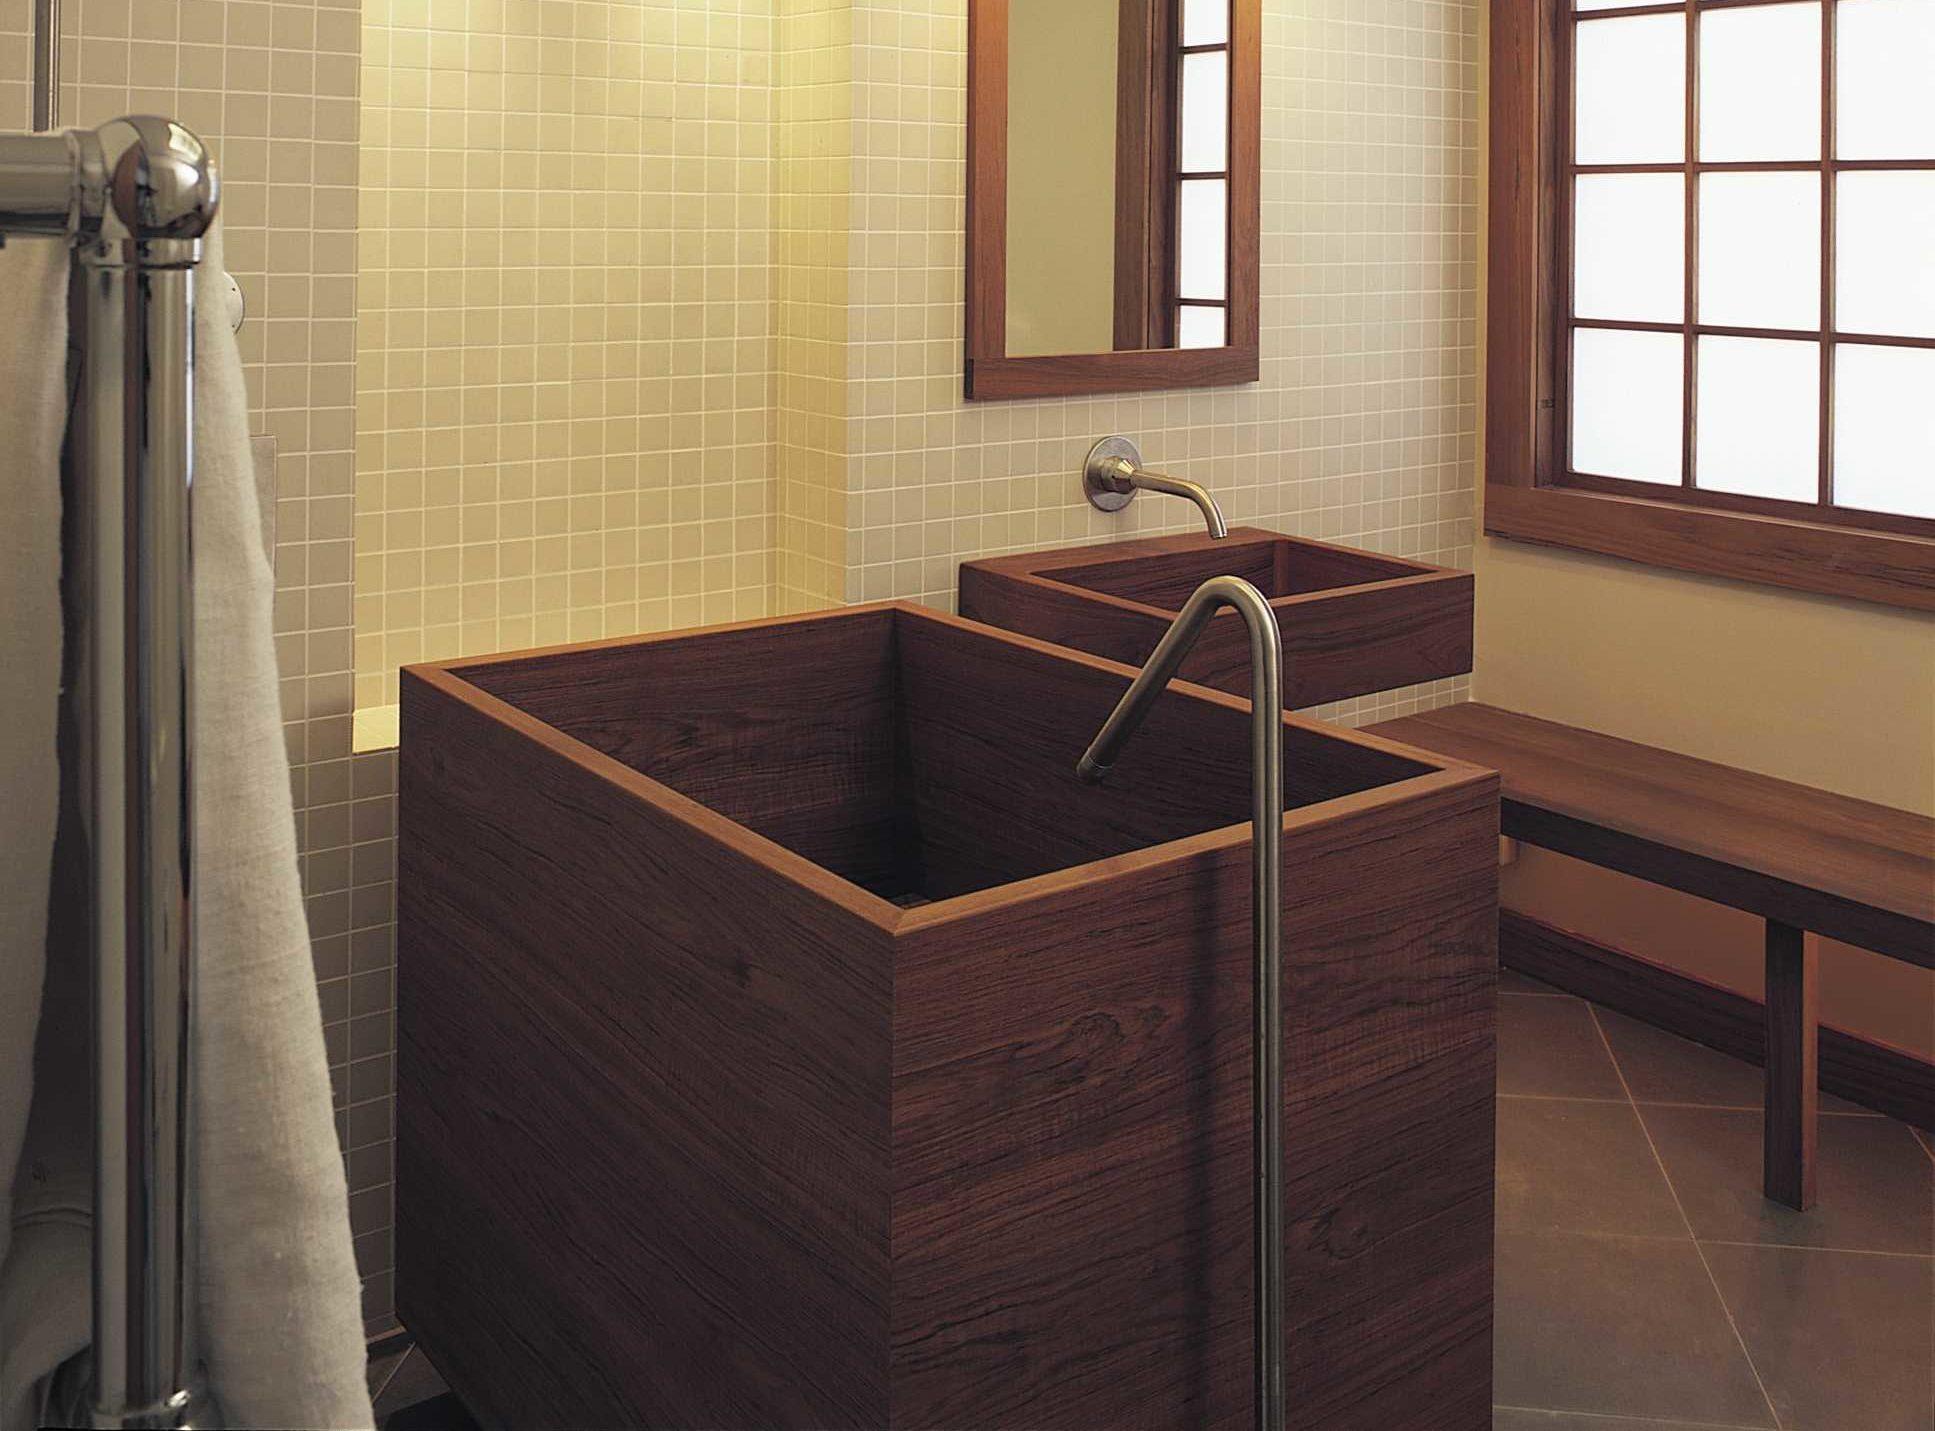 Bồn tắm gỗ đứng kiểu Nhật